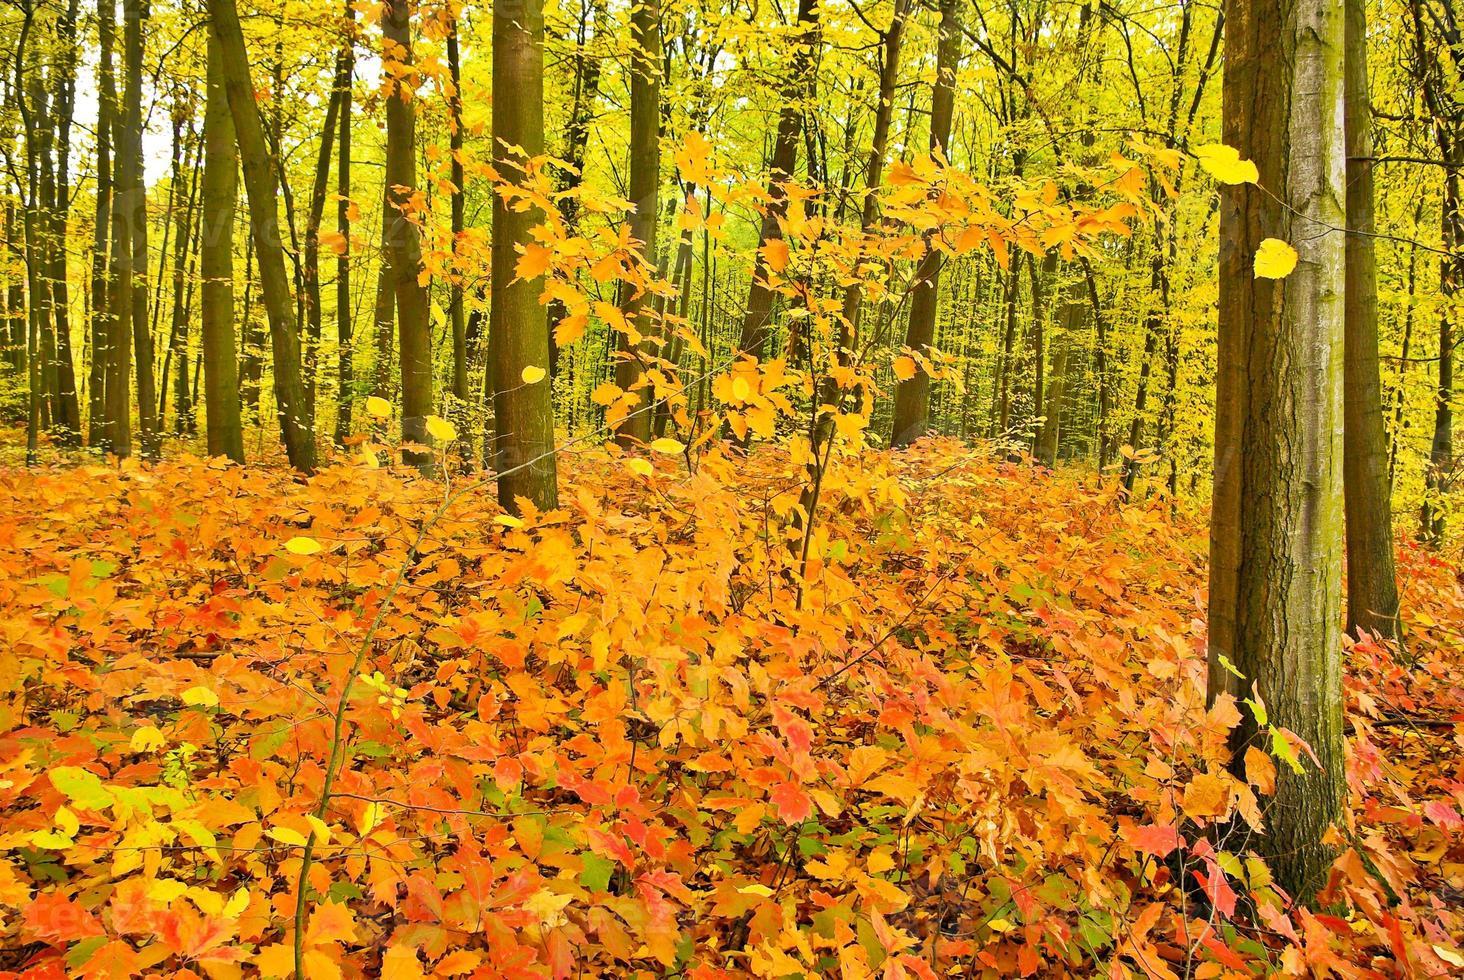 Roteichenblätter auf den Bäumen im Herbstwald. foto